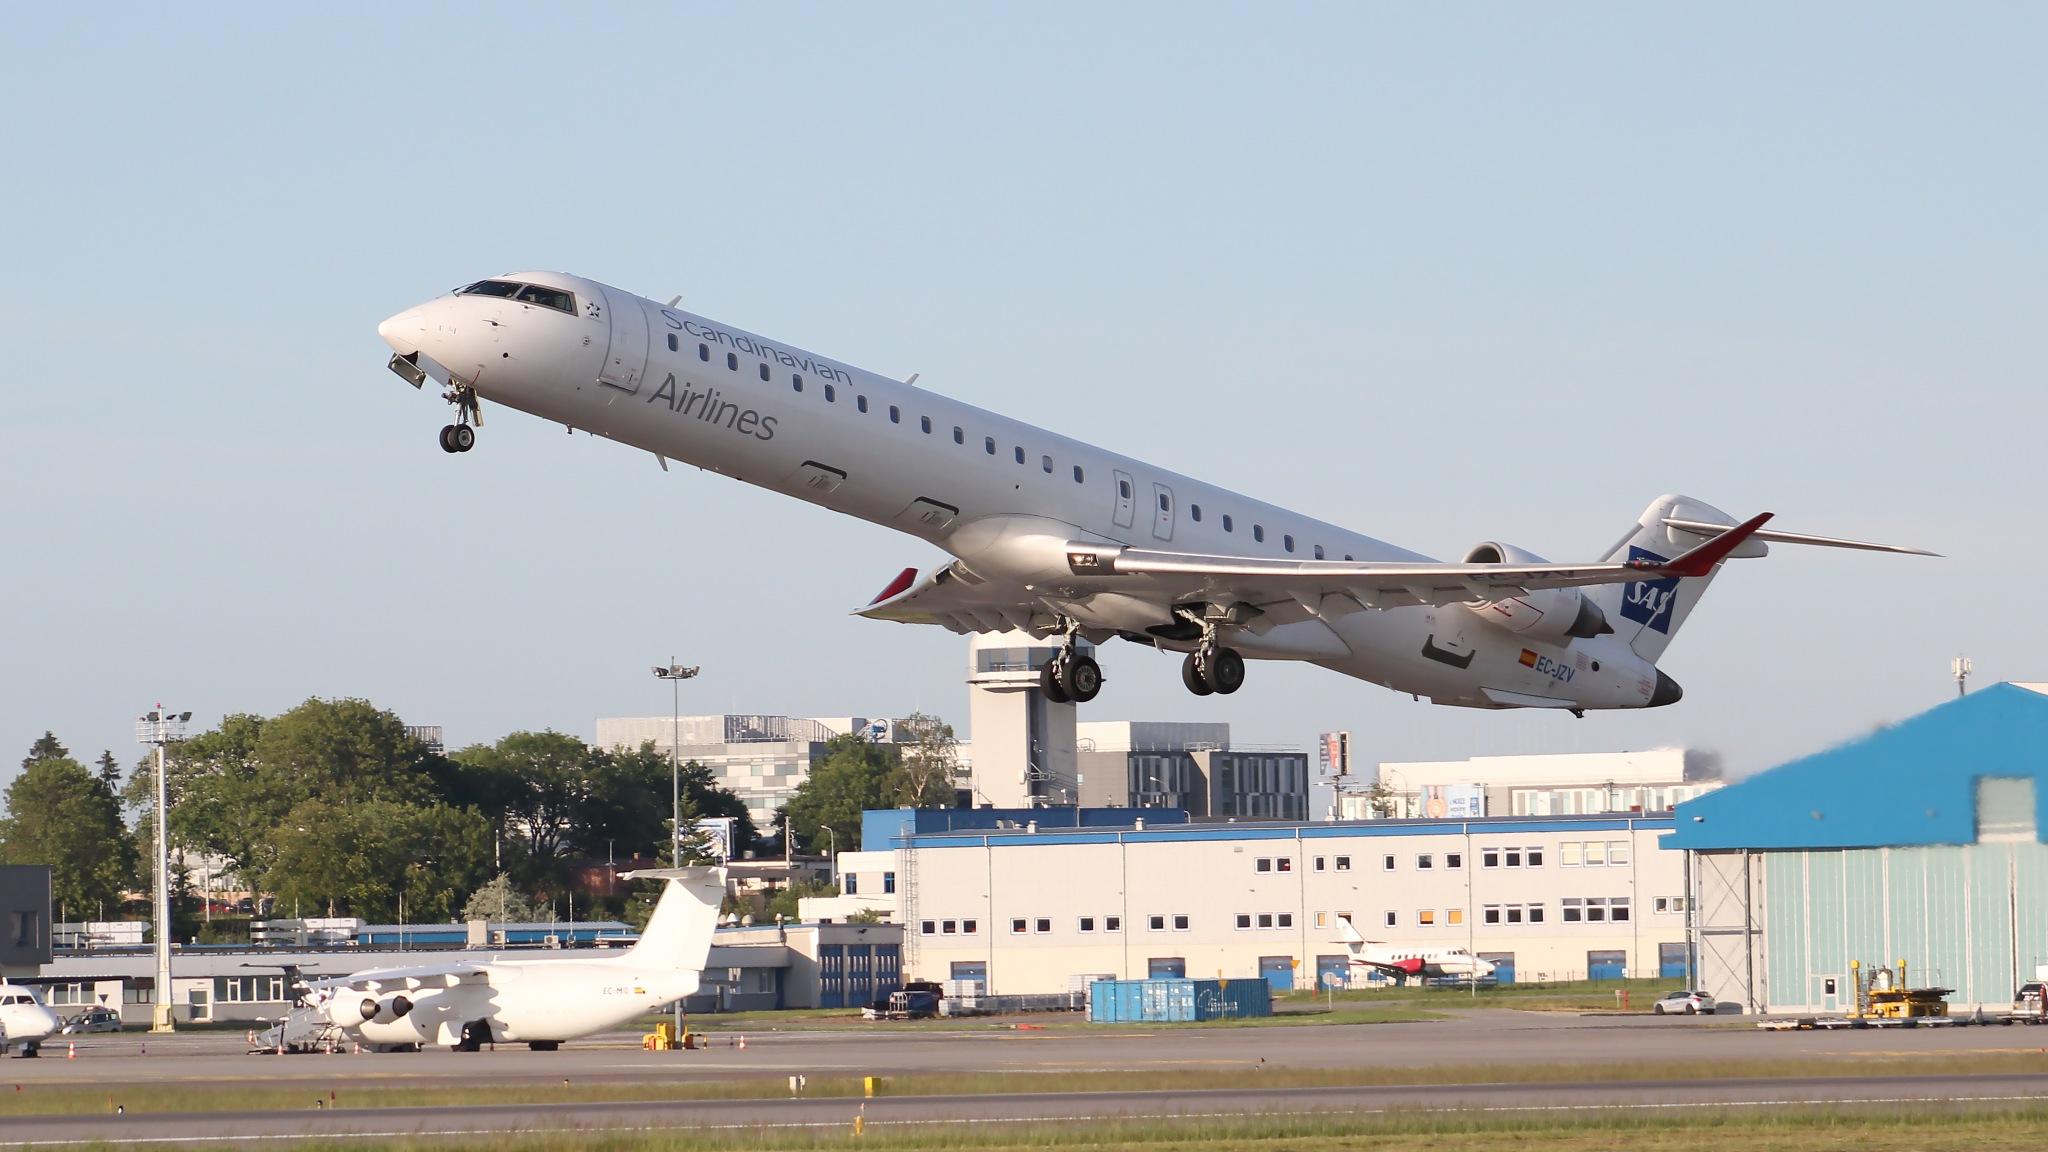 Bombardier CRJ-900ER by Aviation_EPGD